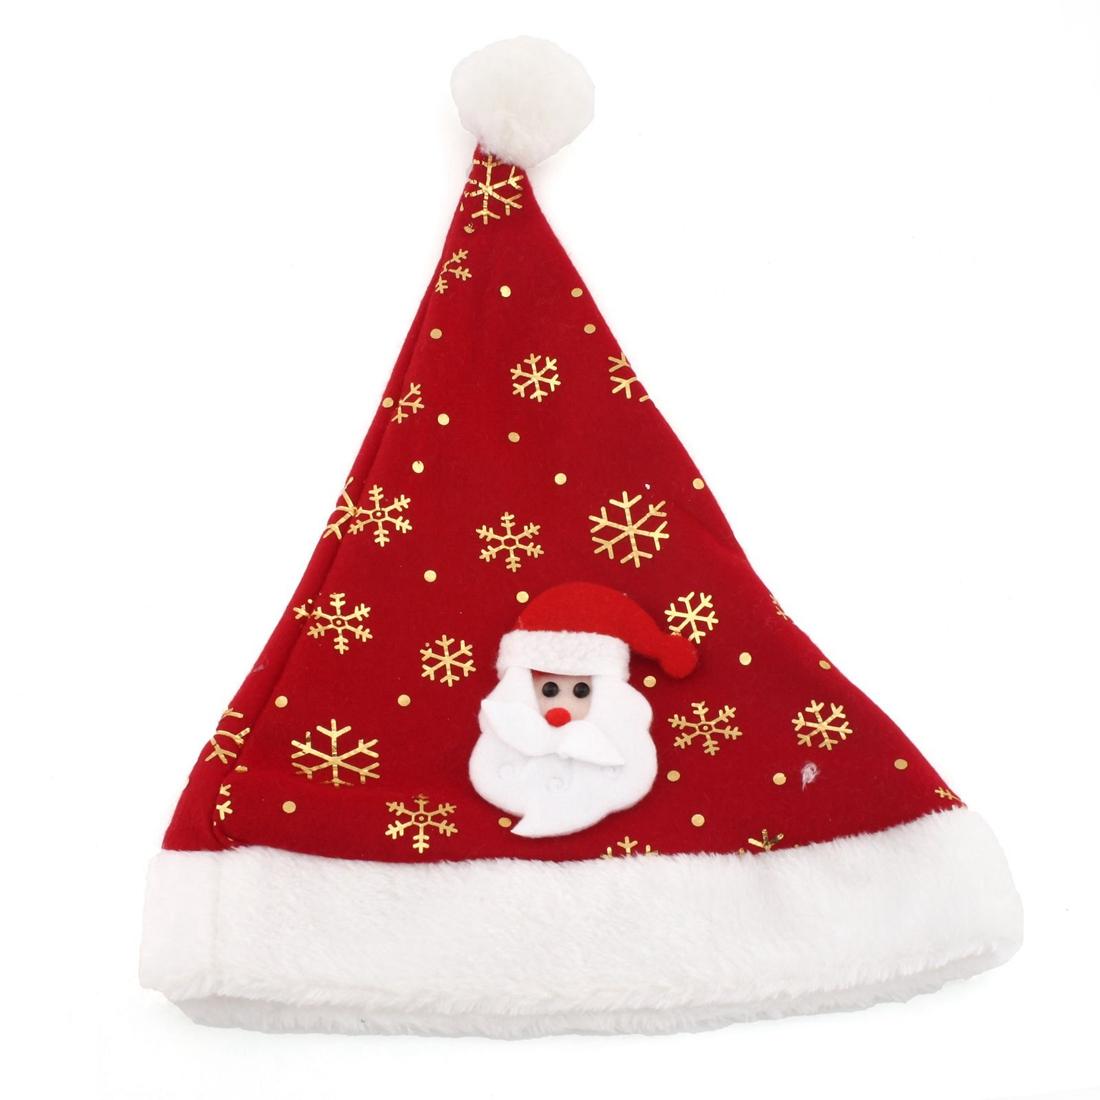 Hiver chapeau de no l bonnet pompon poup e enfant adulte soir e f te cadeau n - Cadeau de noel a vendre ...